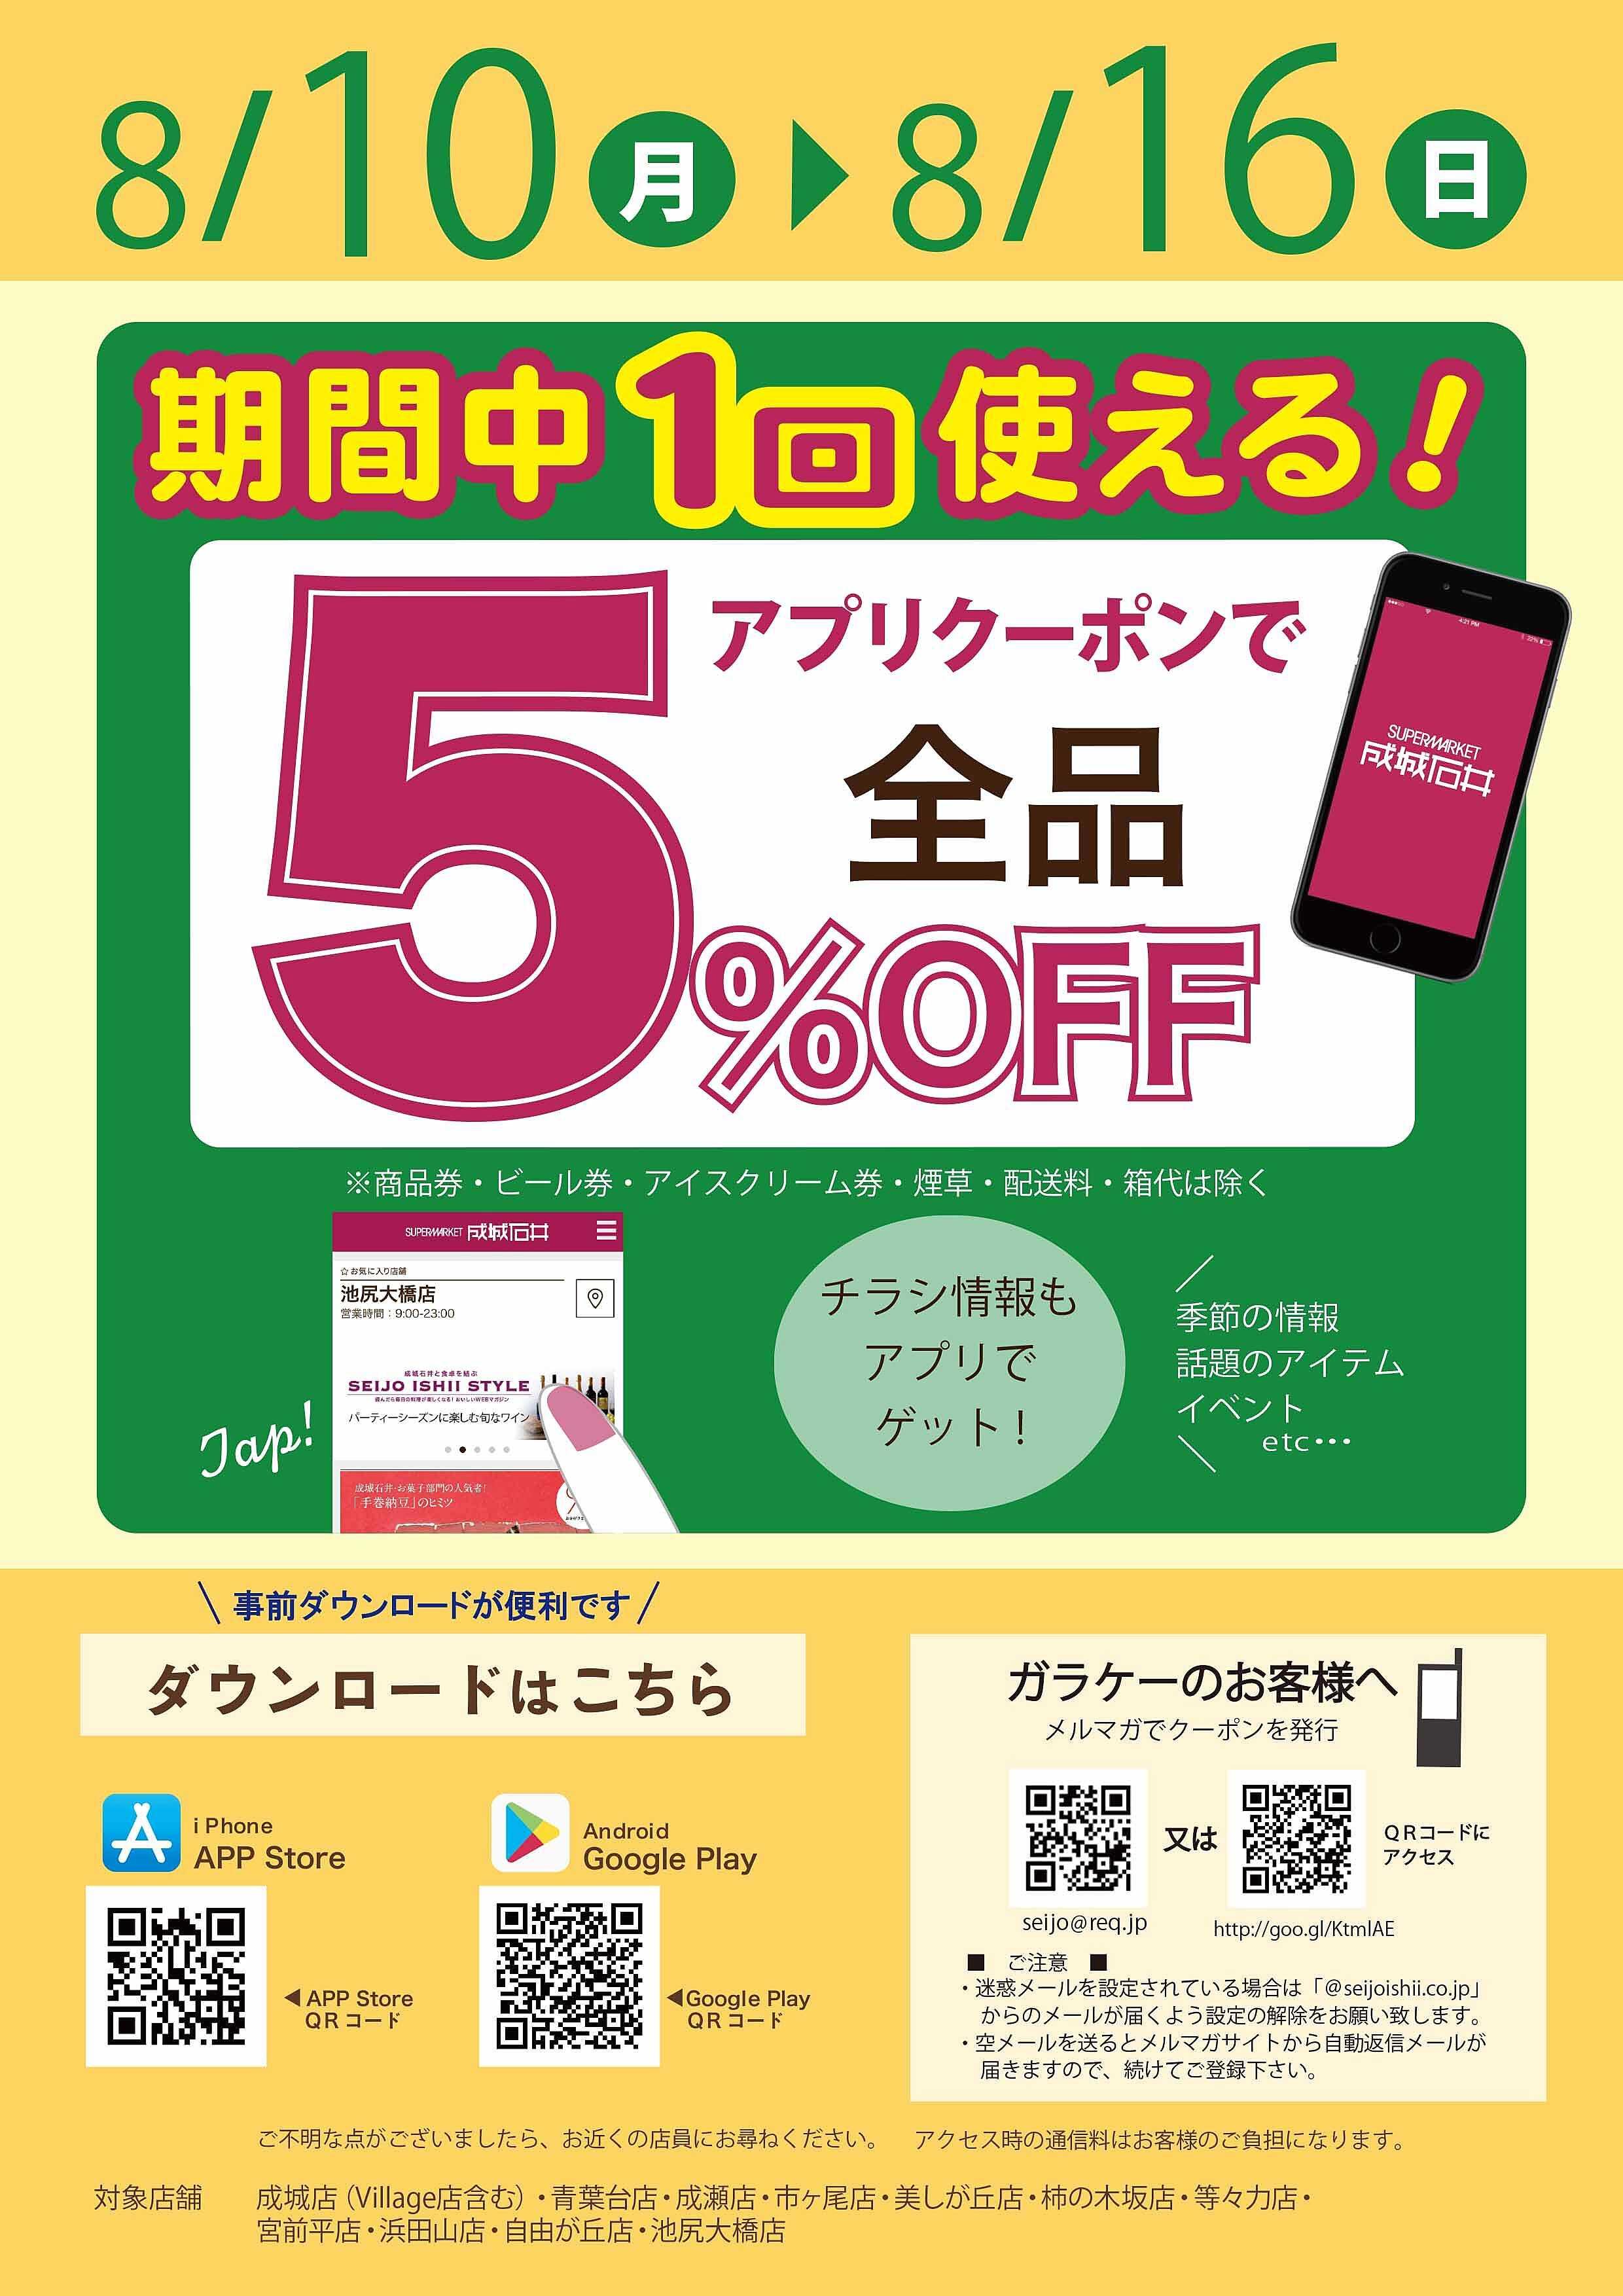 成城石井 店舗限定★5%OFFアプリクーポン配信!(8/10~8/16)